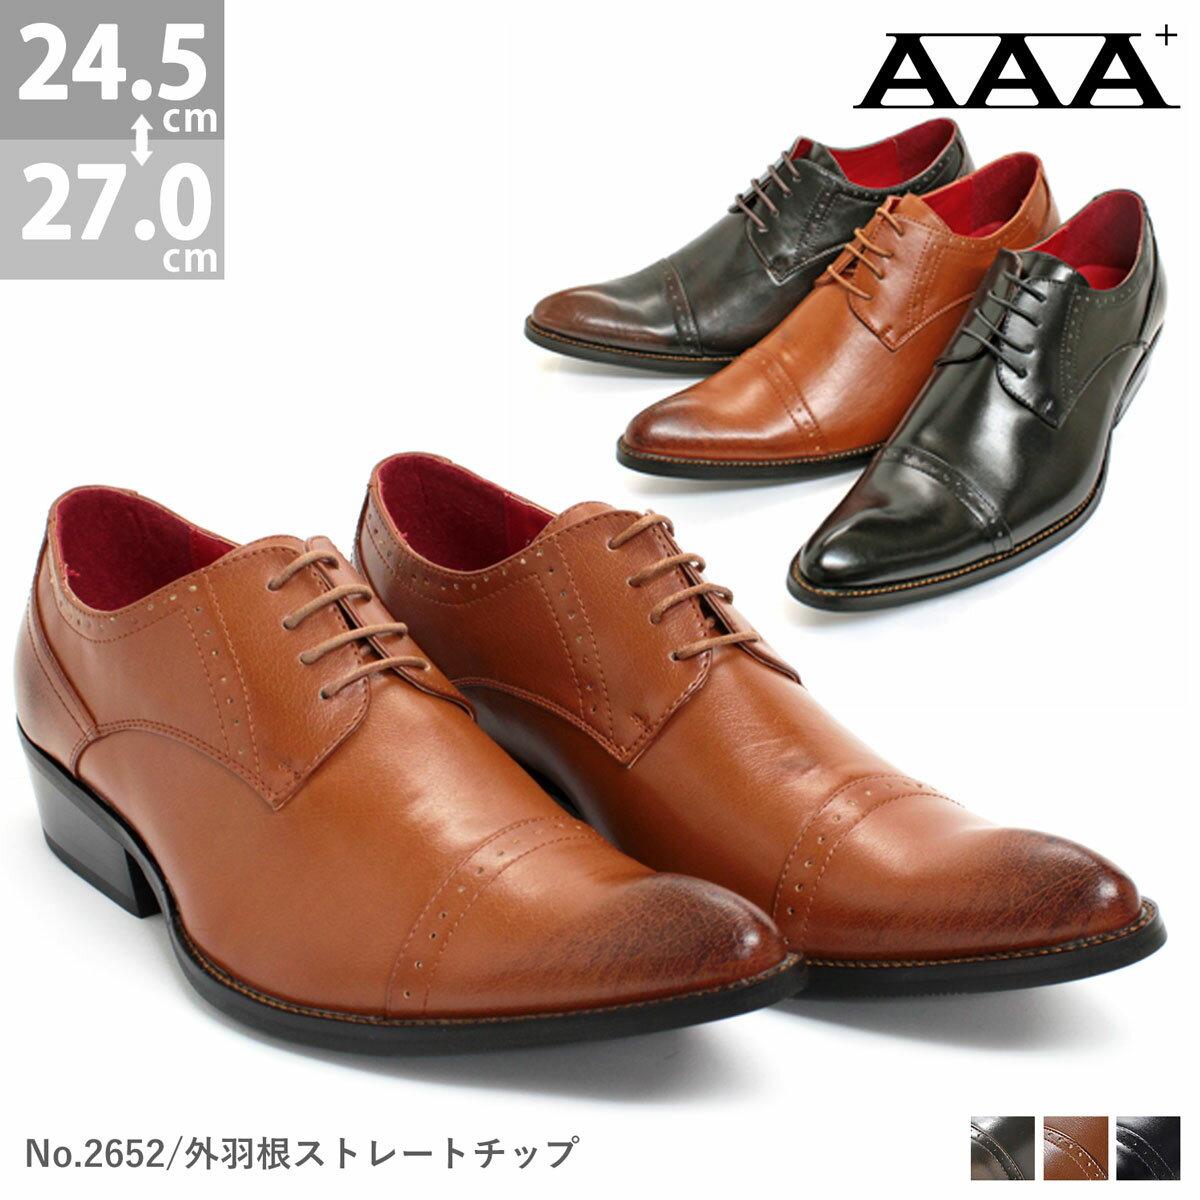 [ポイント2倍&送料無料][AAA+ サンエープラス]2652 BLACK BROWN D…...:zealmarket:10006301